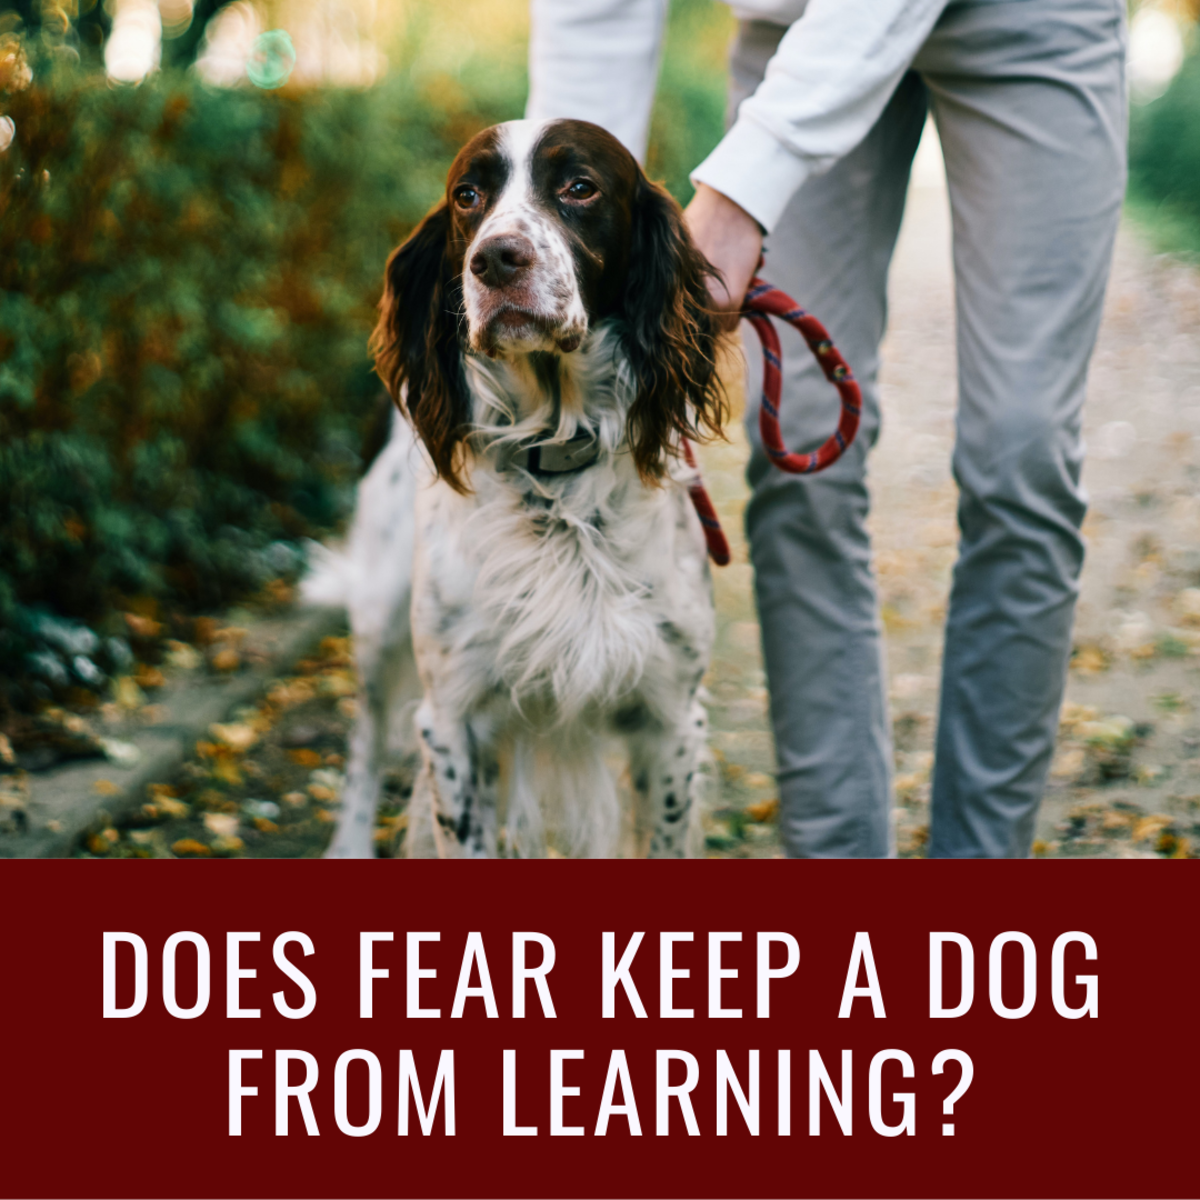 Does Fear Inhibit Learning in Dogs?